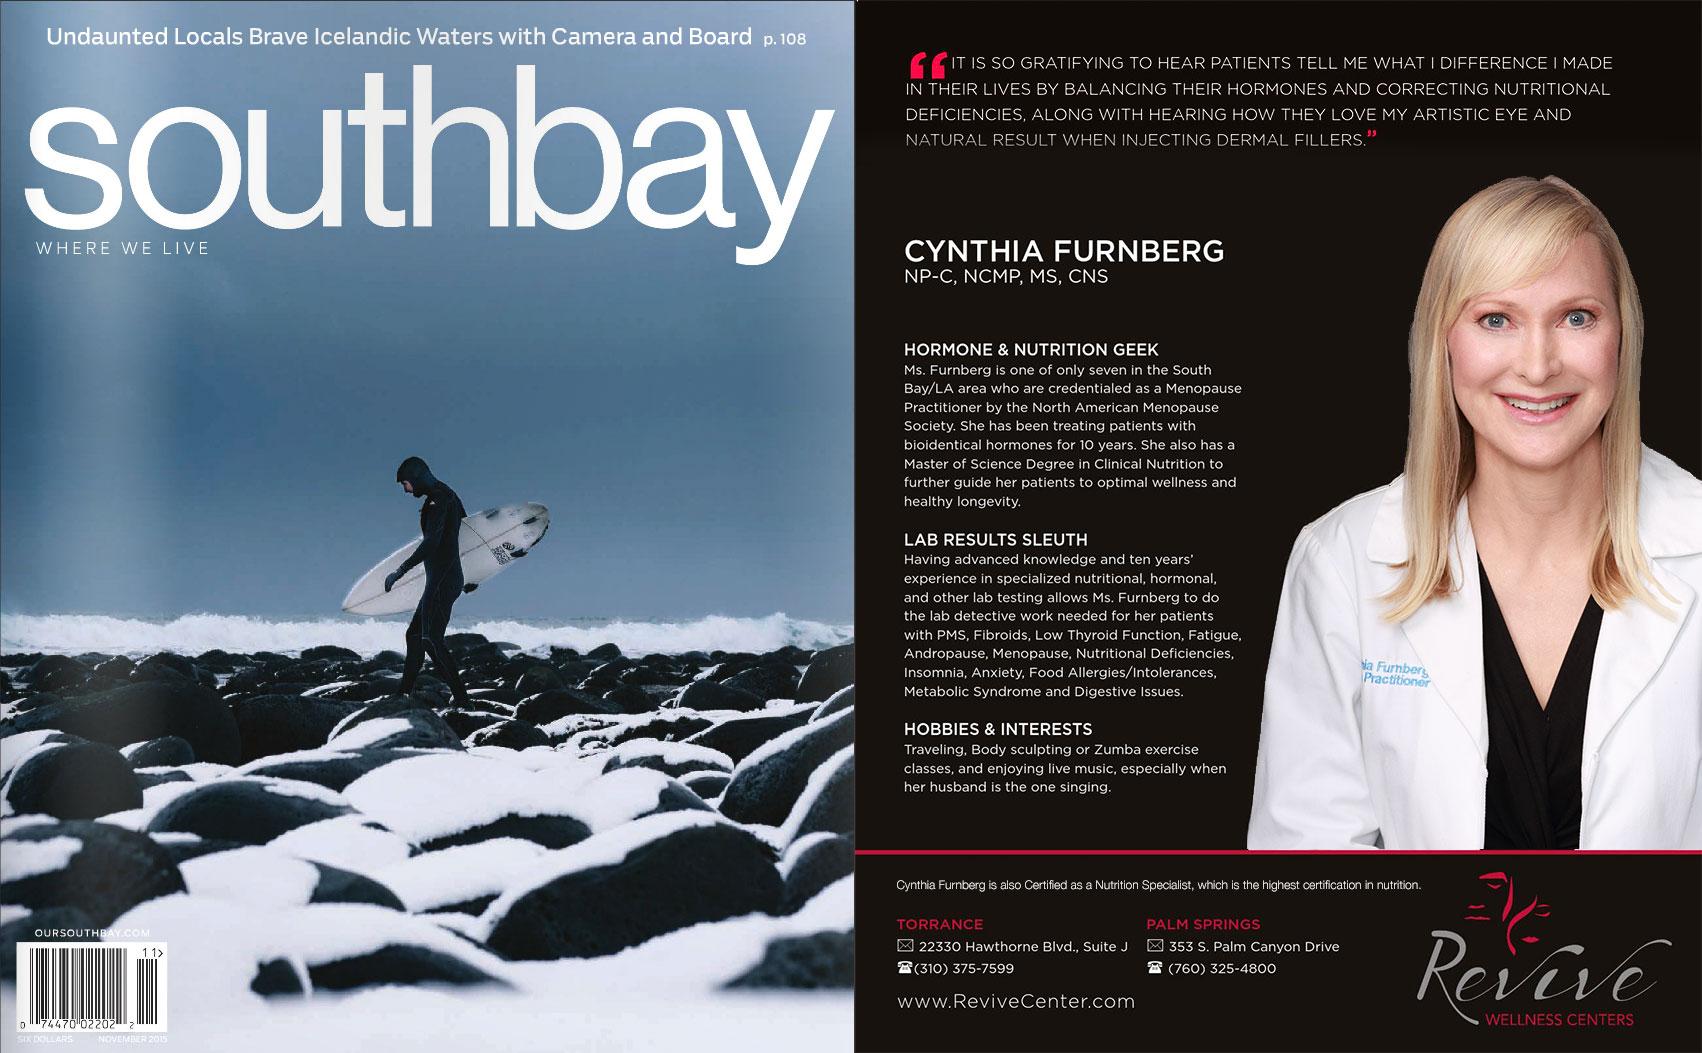 southbay-magazine-nov-2015